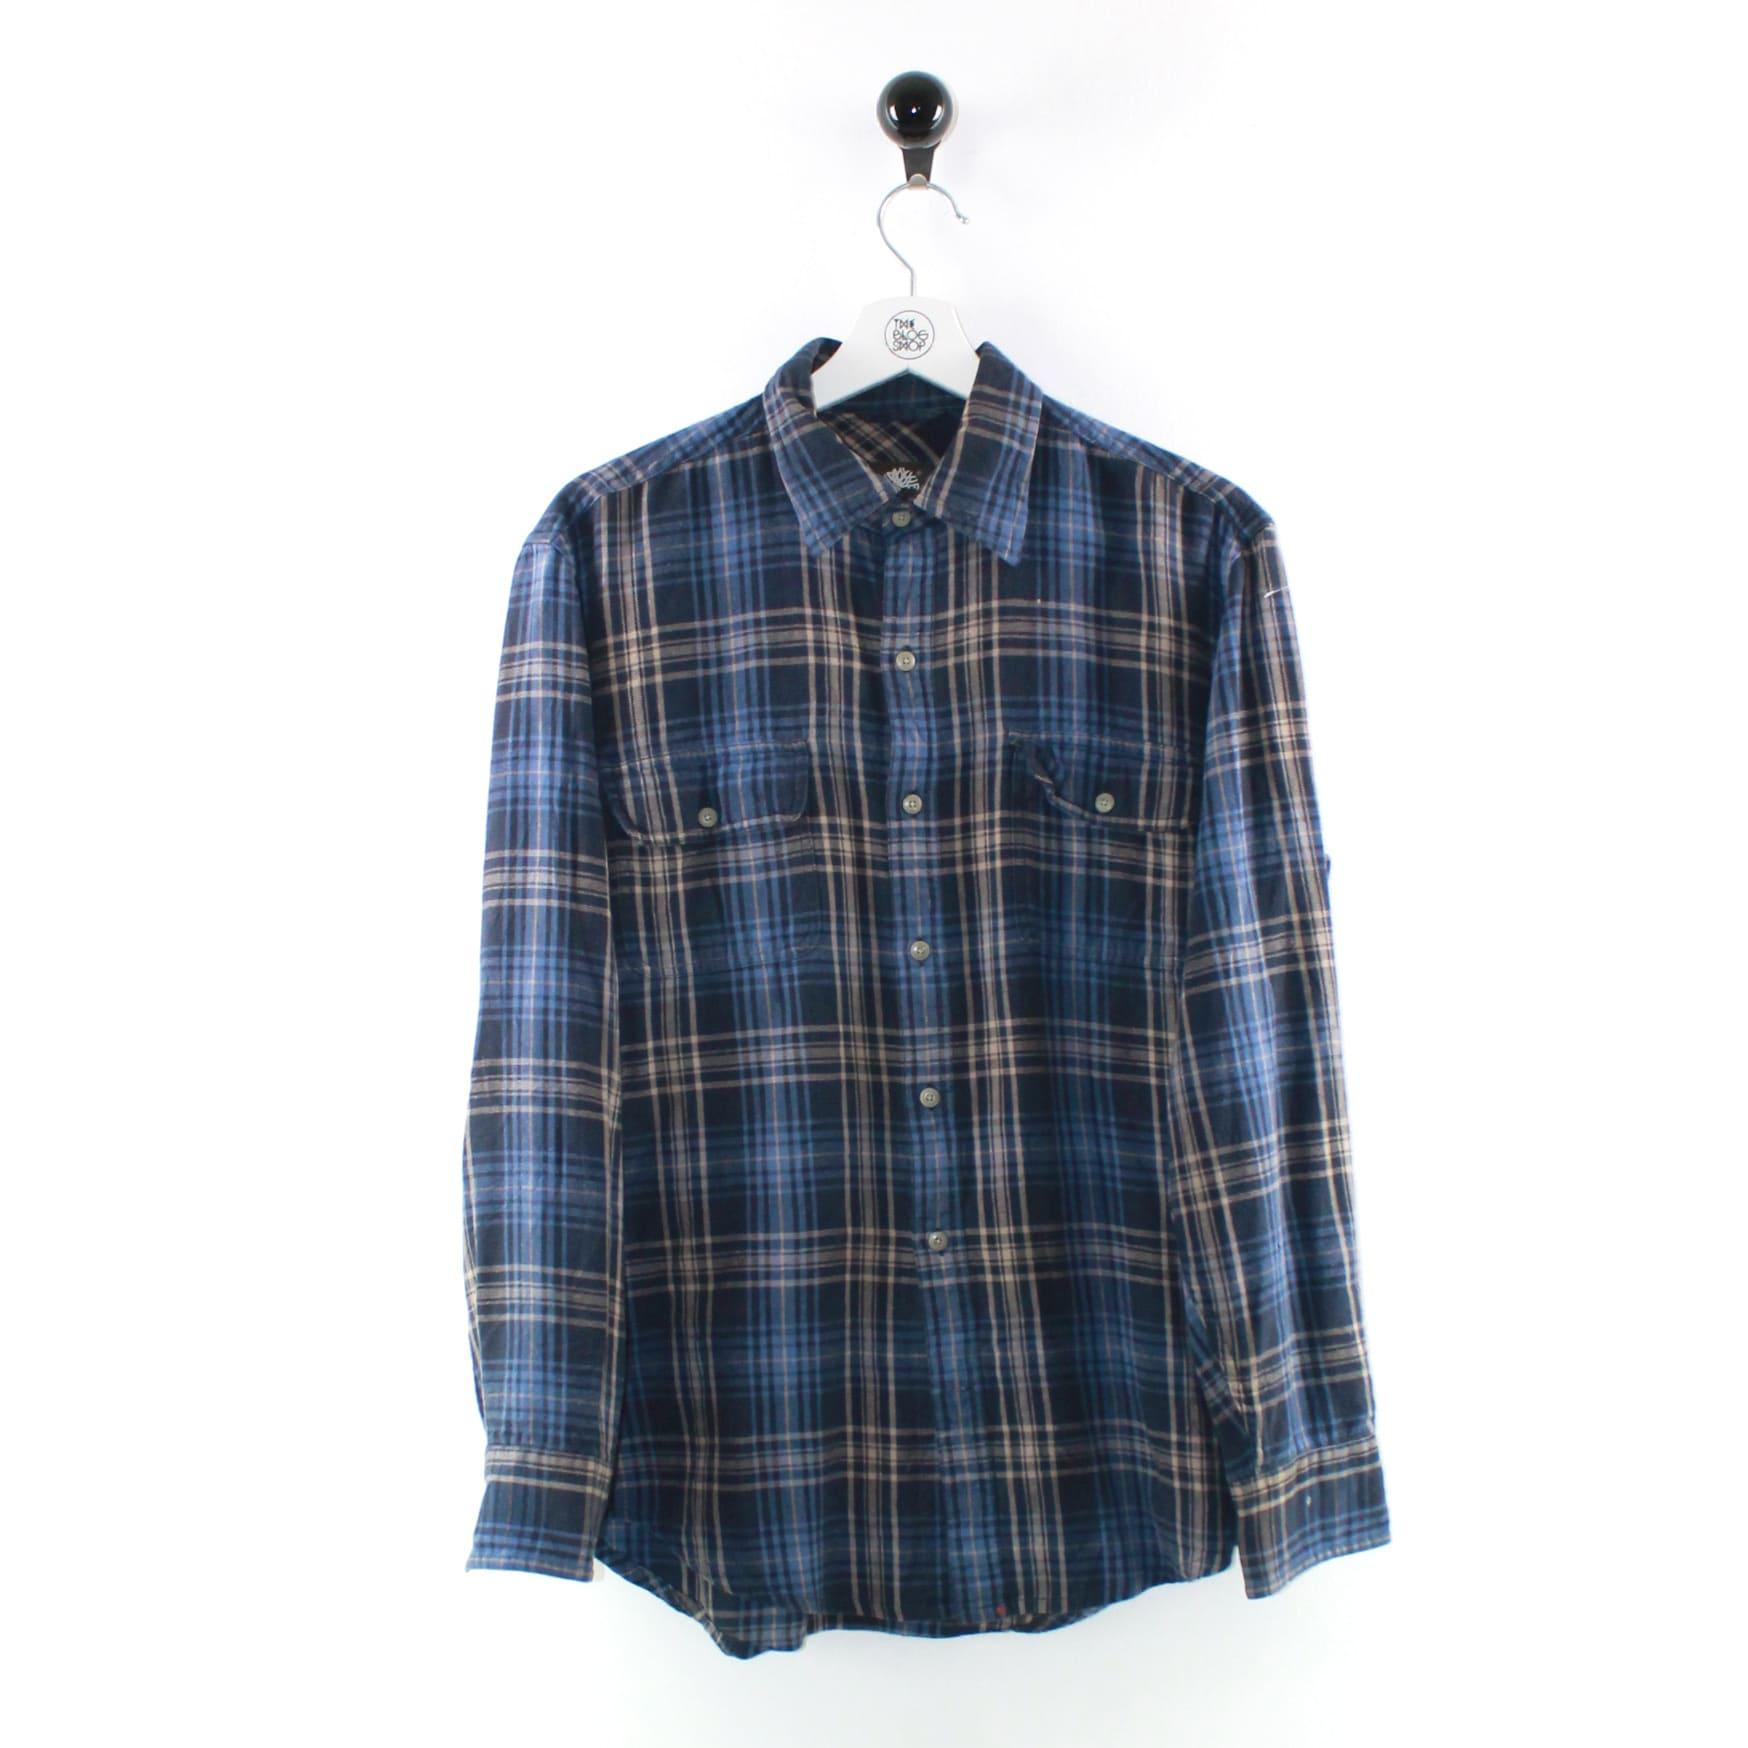 Timberland - Camicia flanella